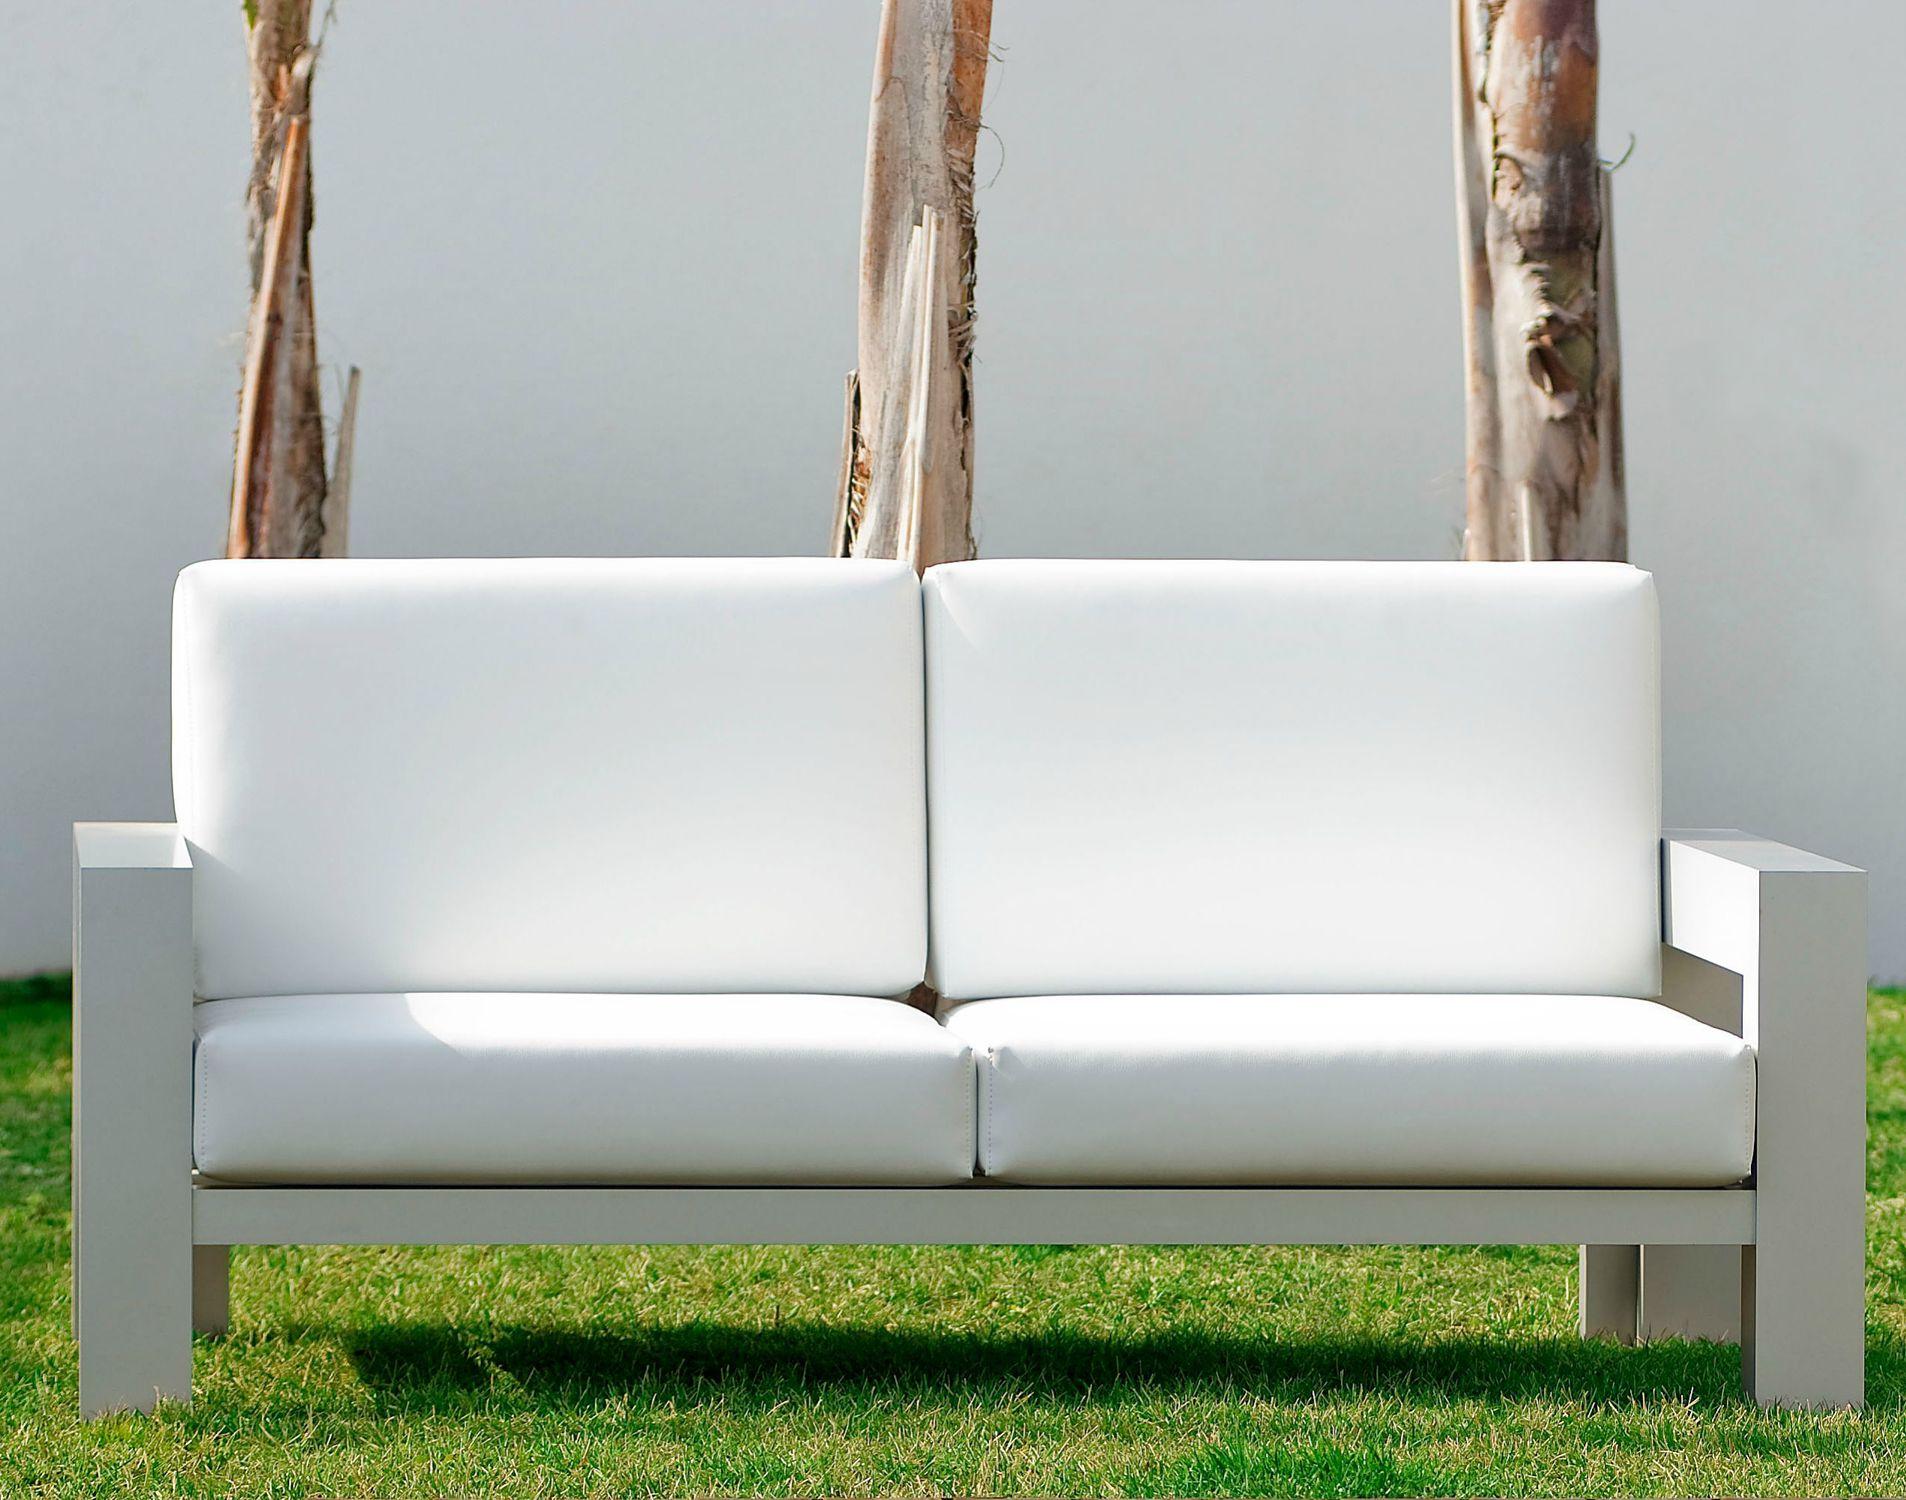 Contemporary Sofa Garden Fabric 2 Seater Laguna Blue 2  # Muebles Tadel Grup